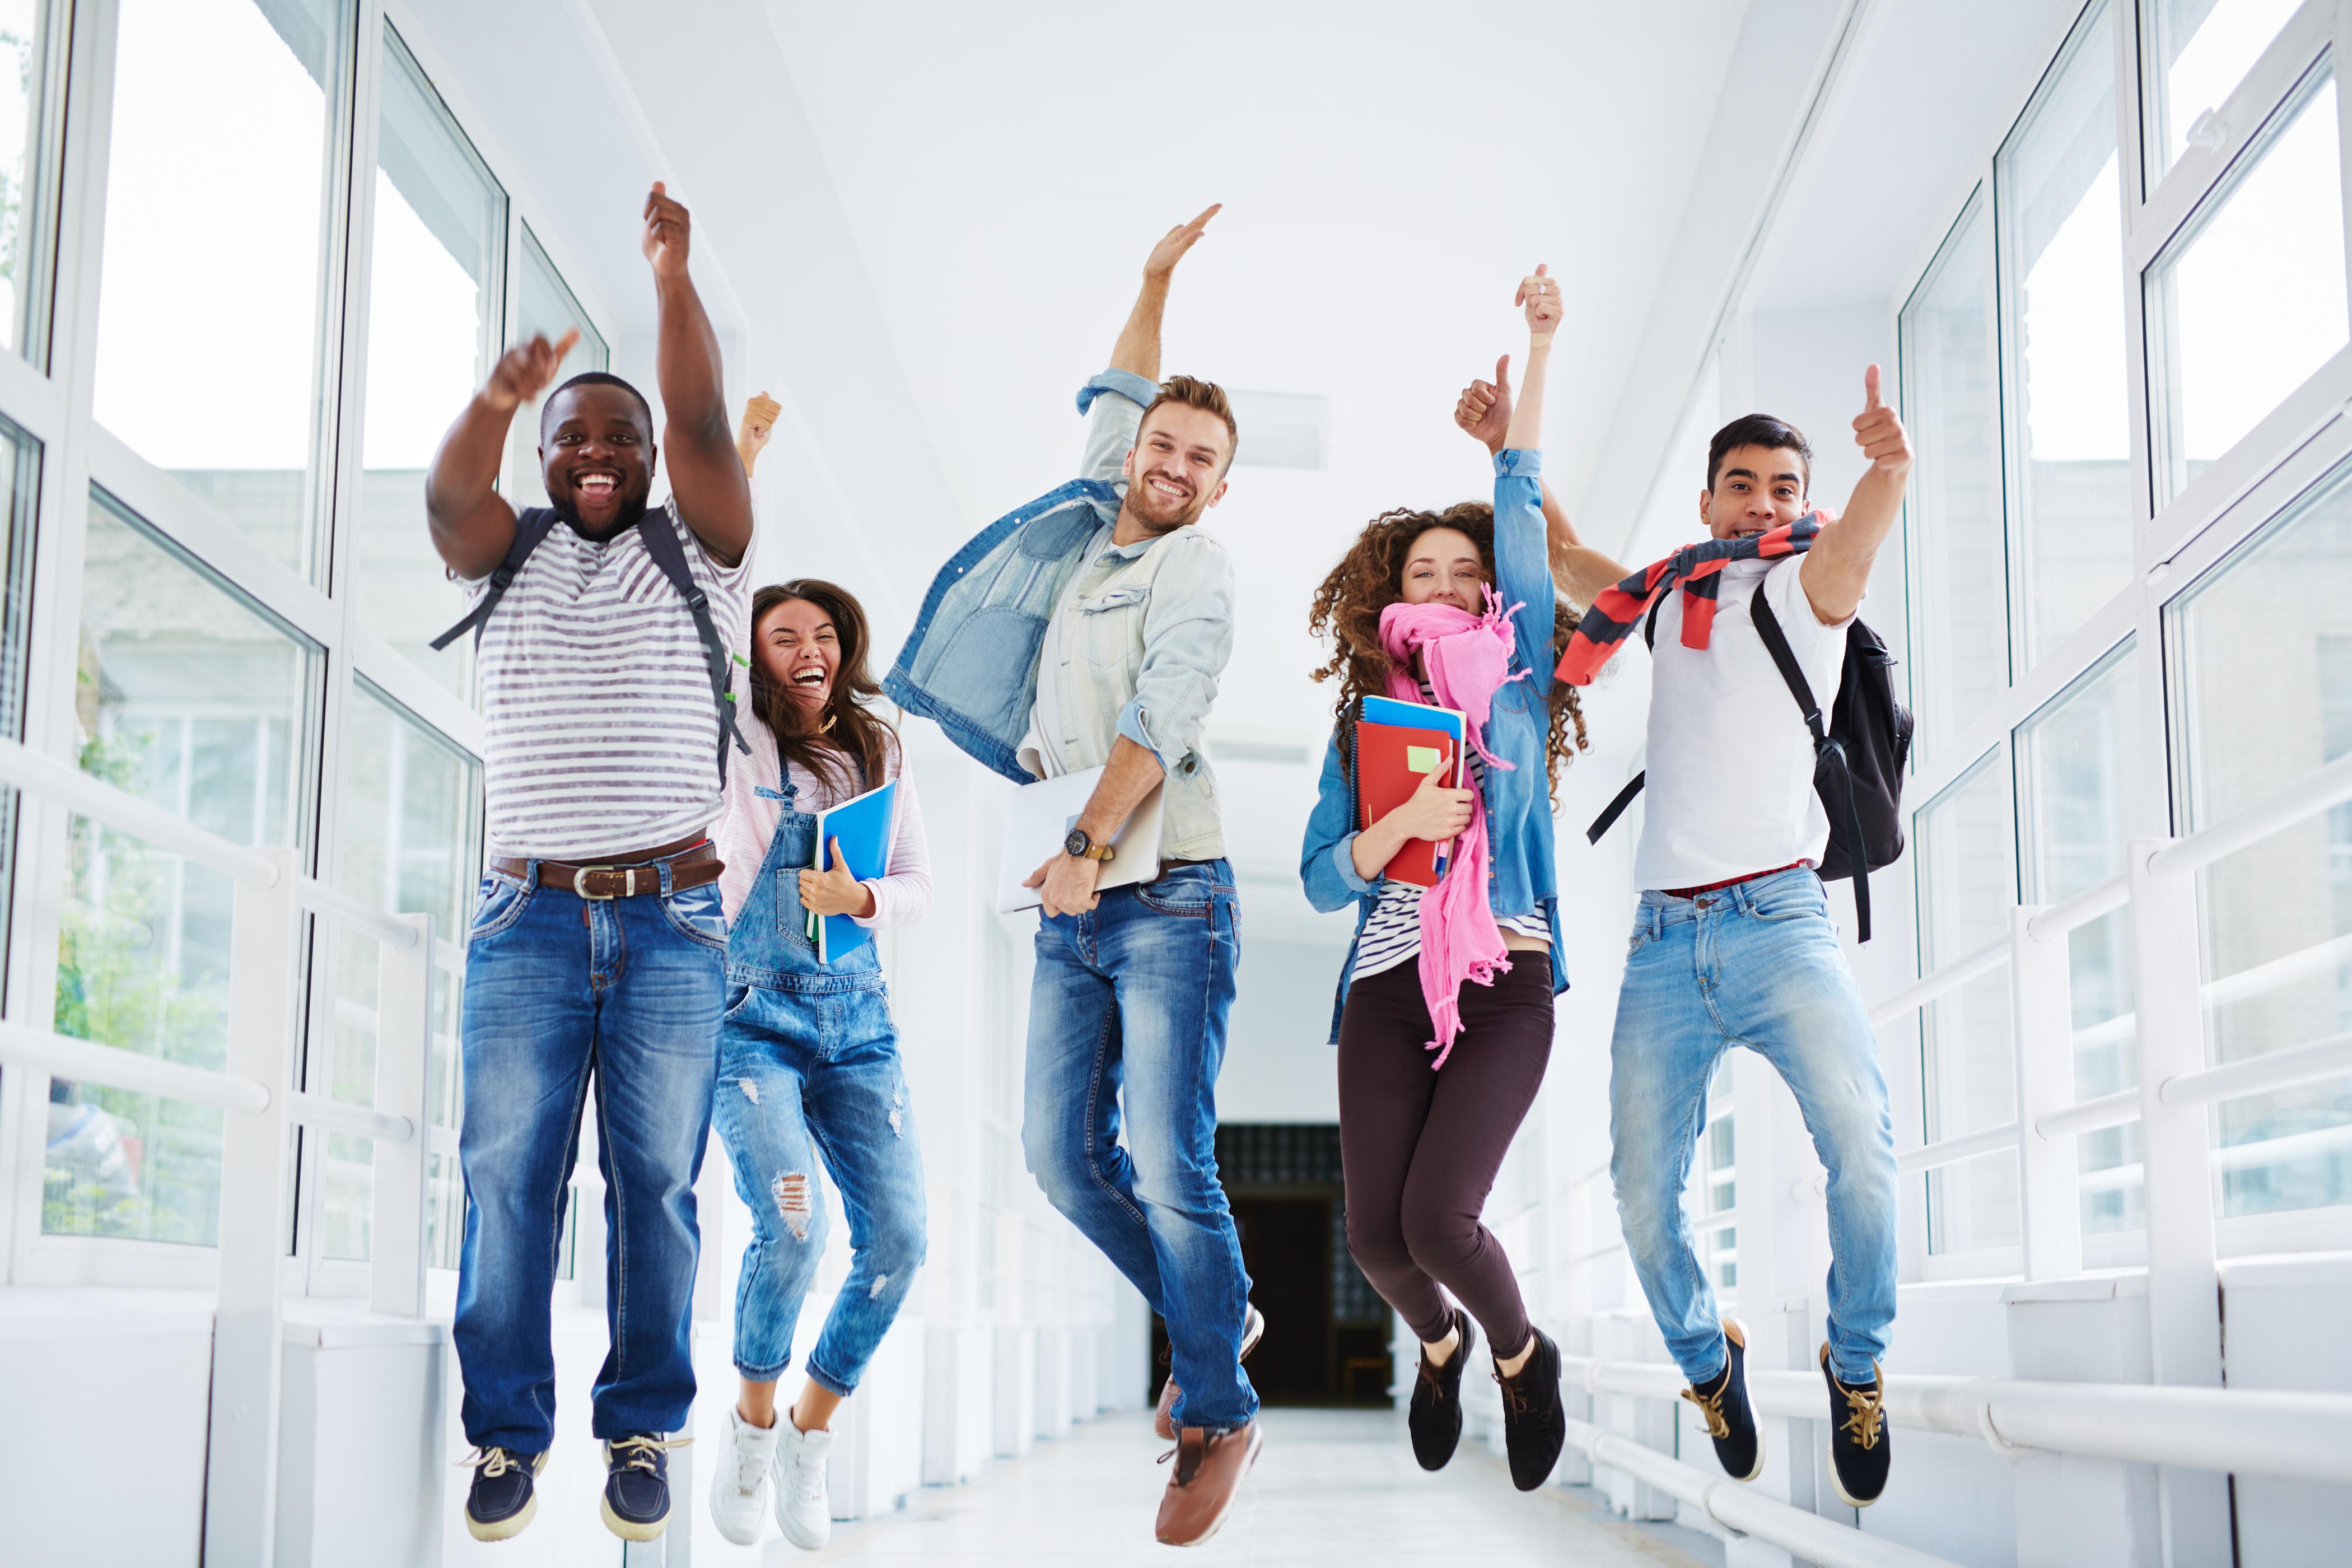 Студентки веселятся после экзамена, Студентки после экзамена » Порно видео онлайн 12 фотография